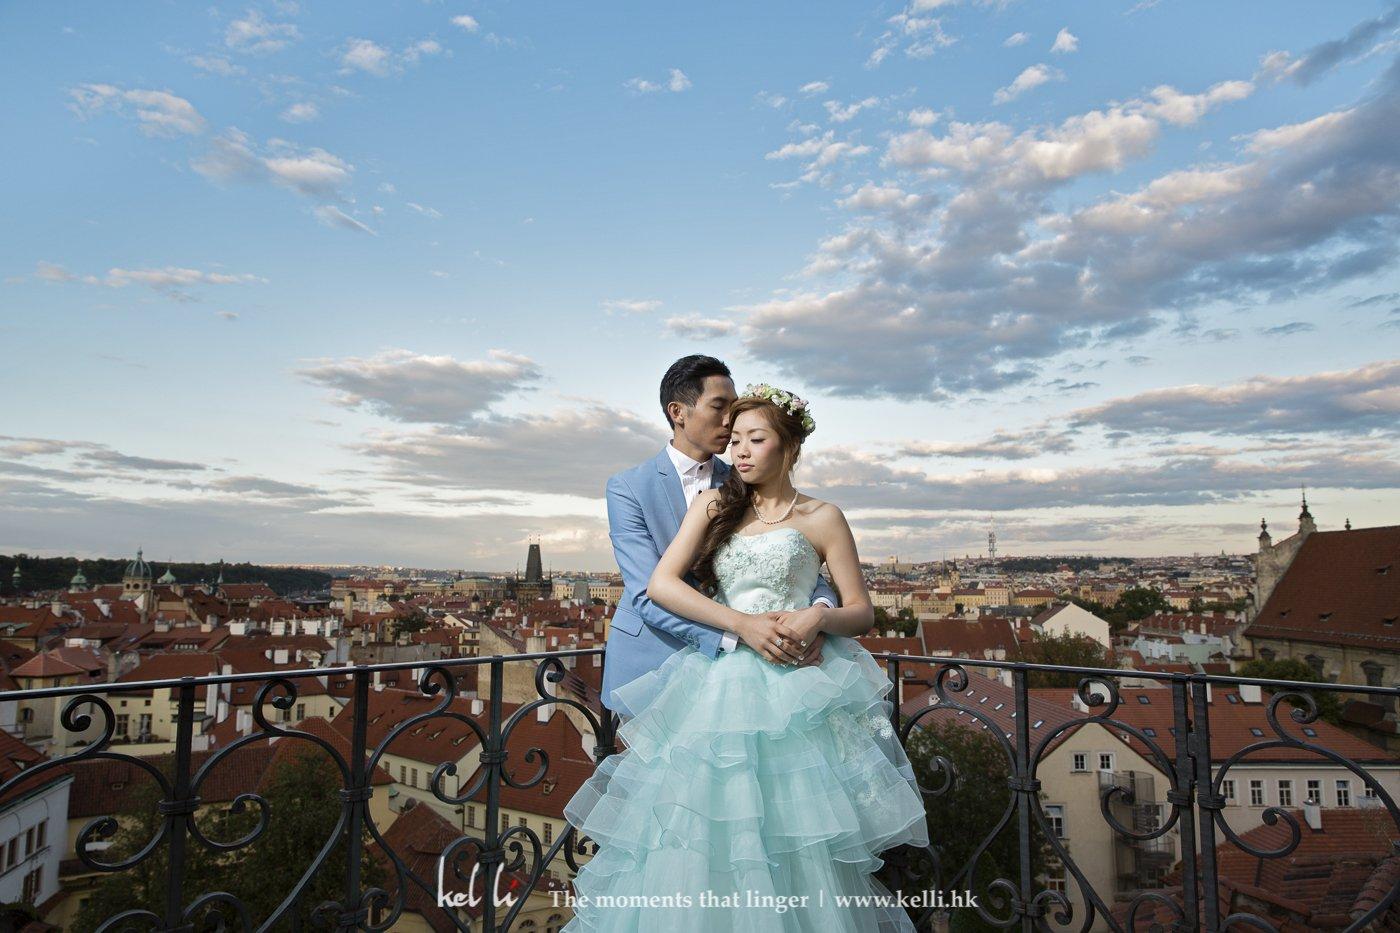 又是另一左看到布拉格全景的地方,怎样看也是一样美丽动人的地方